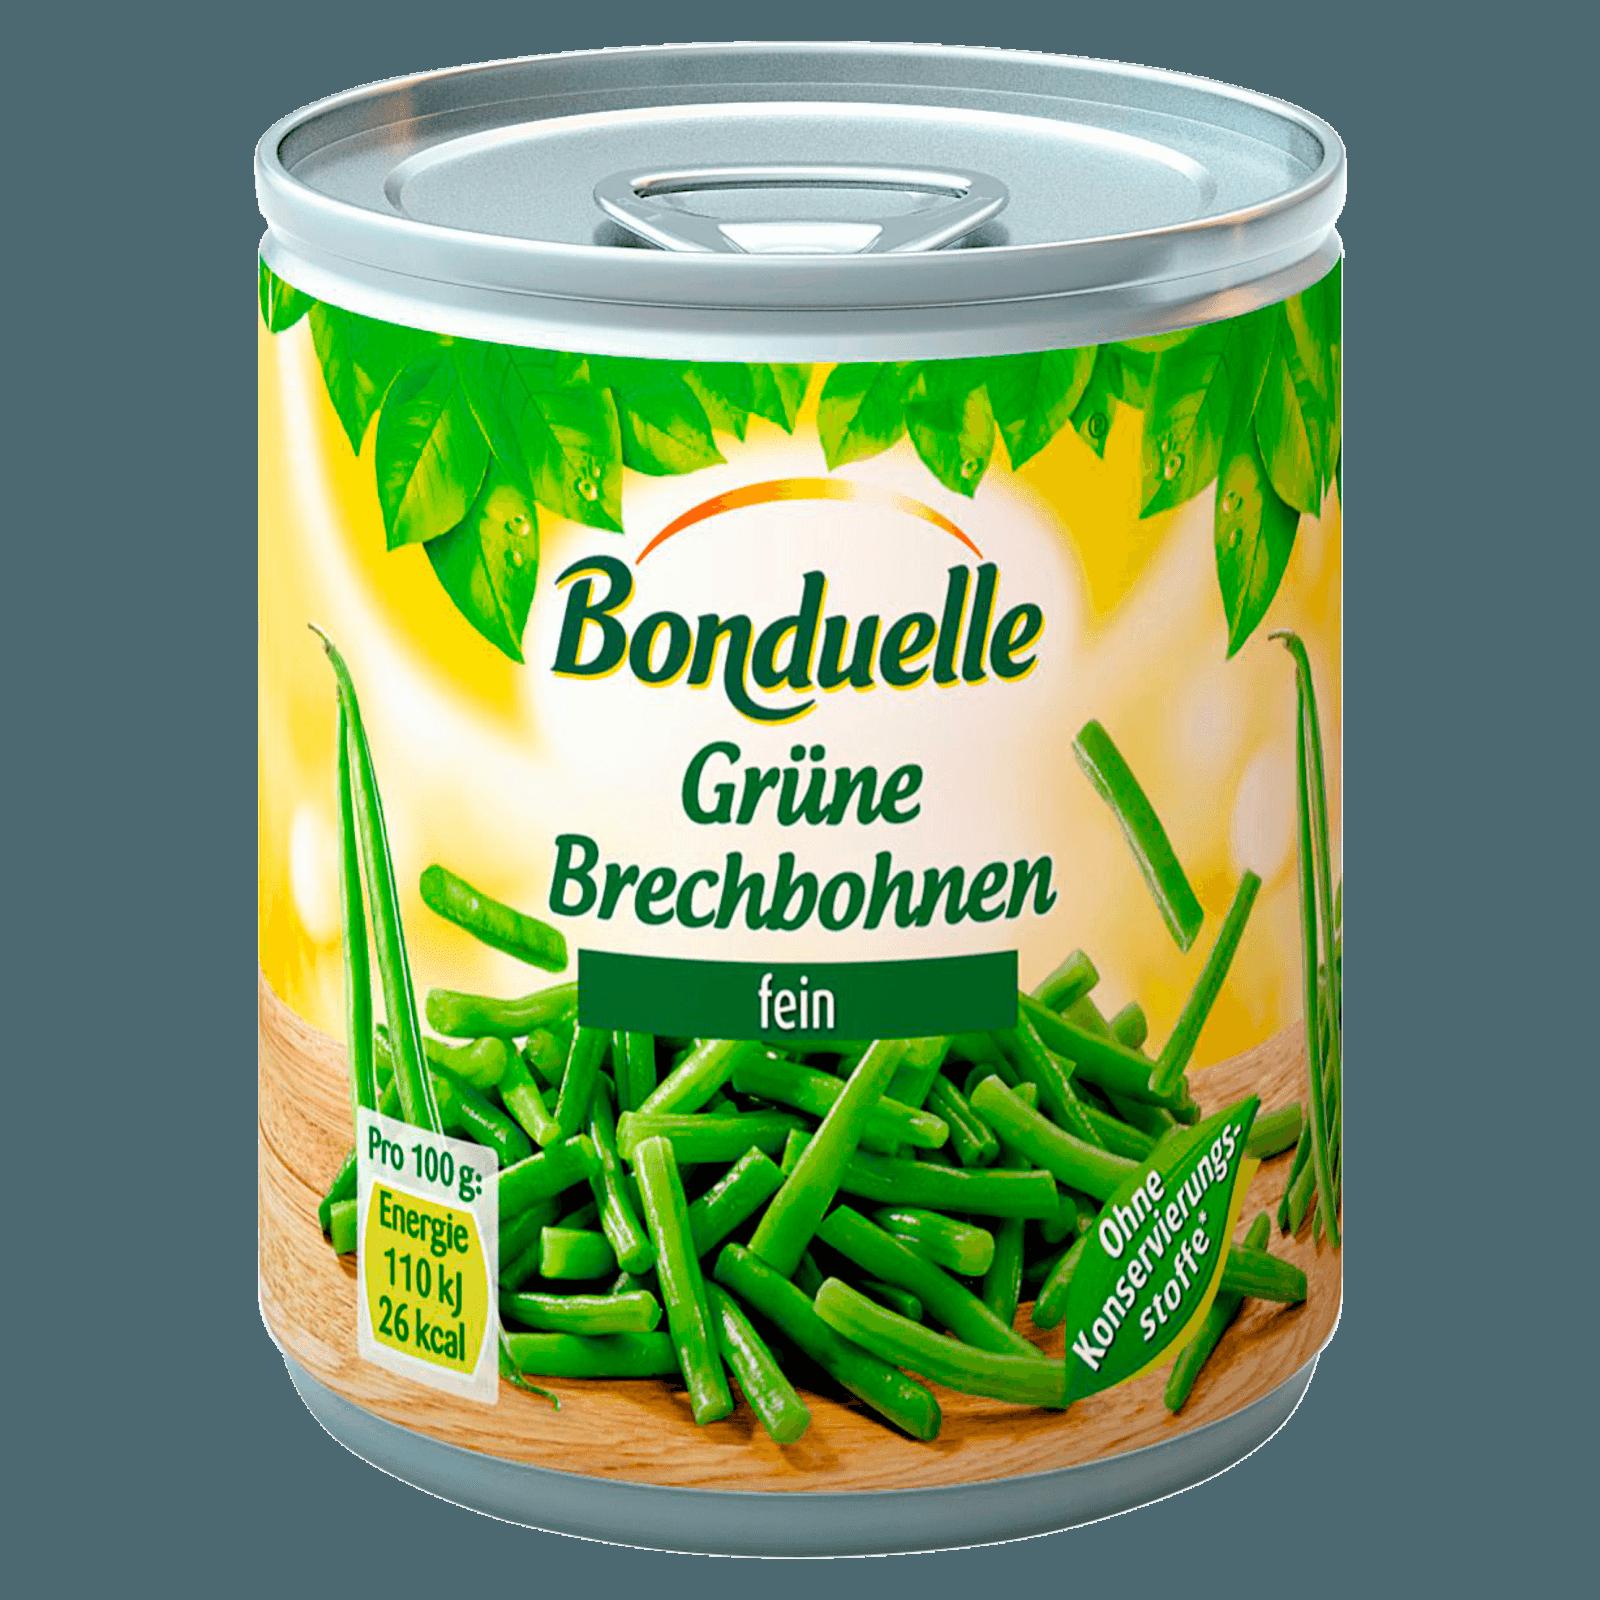 Bonduelle Grüne Brechbohnen fein 110g